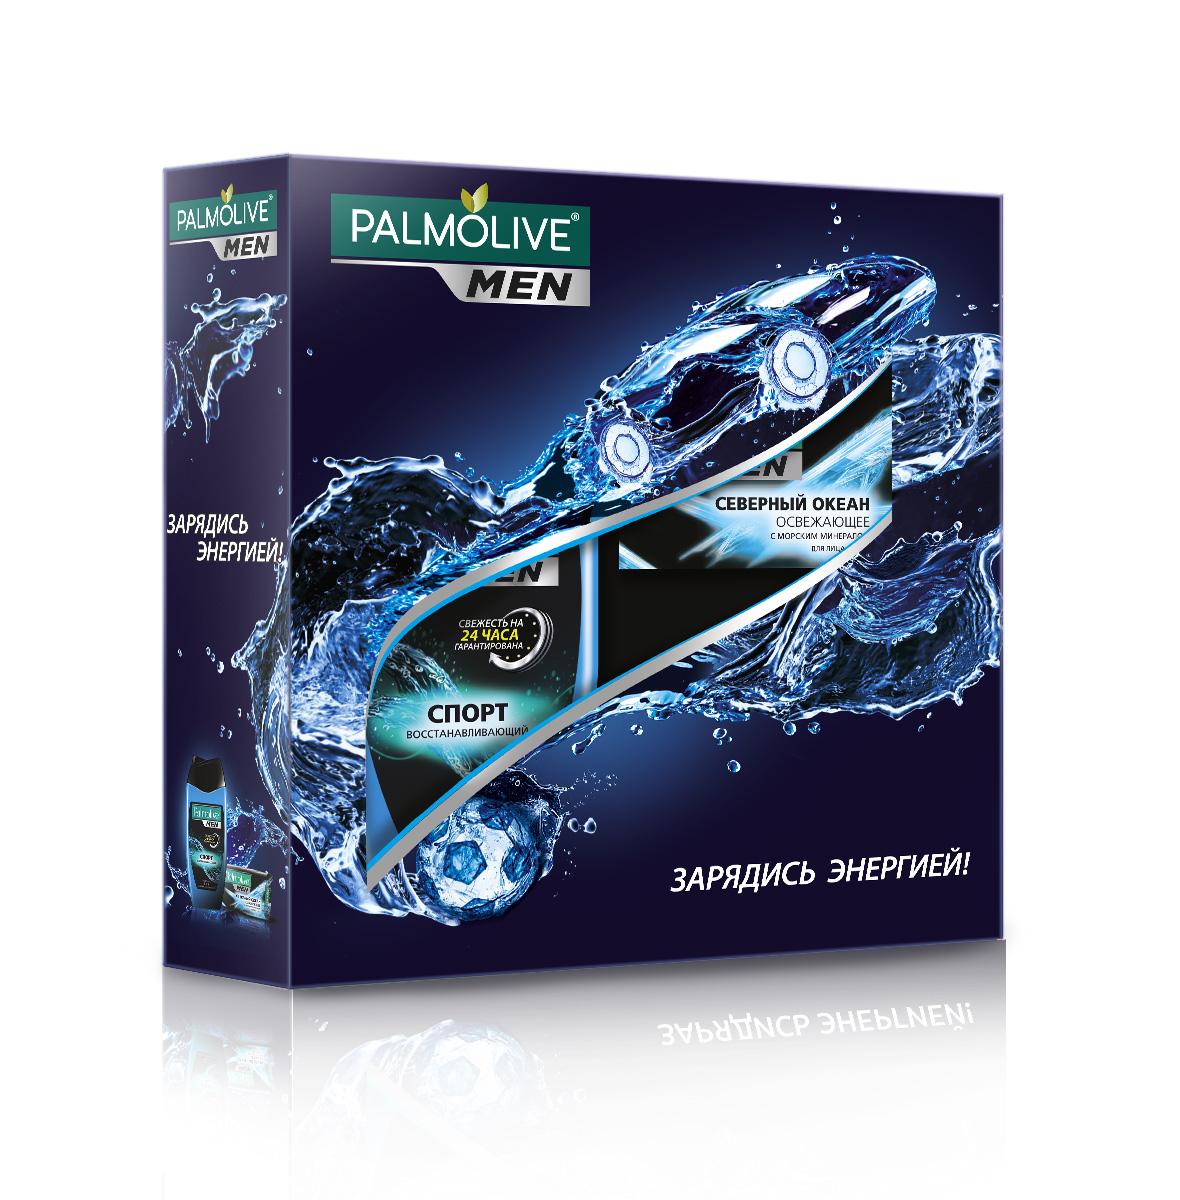 Подарочный набор Palmolive Men Спорт3504-1Гель для душа Спорт 250мл - 1шт, кусковое мыло Северный океан 90гр - 1шт в коробке